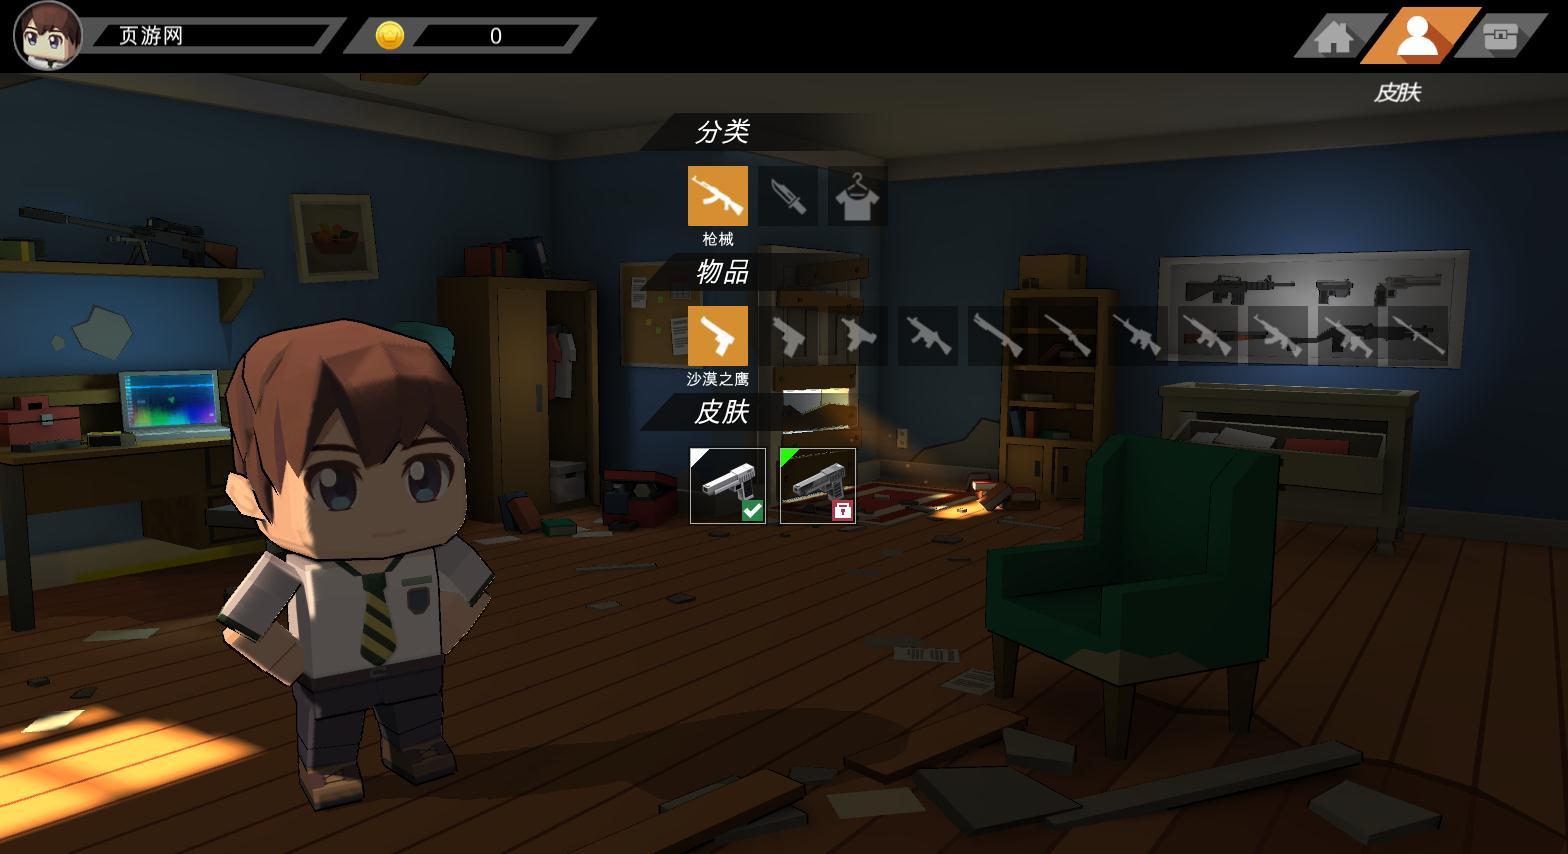 《求生大作战》游戏截图